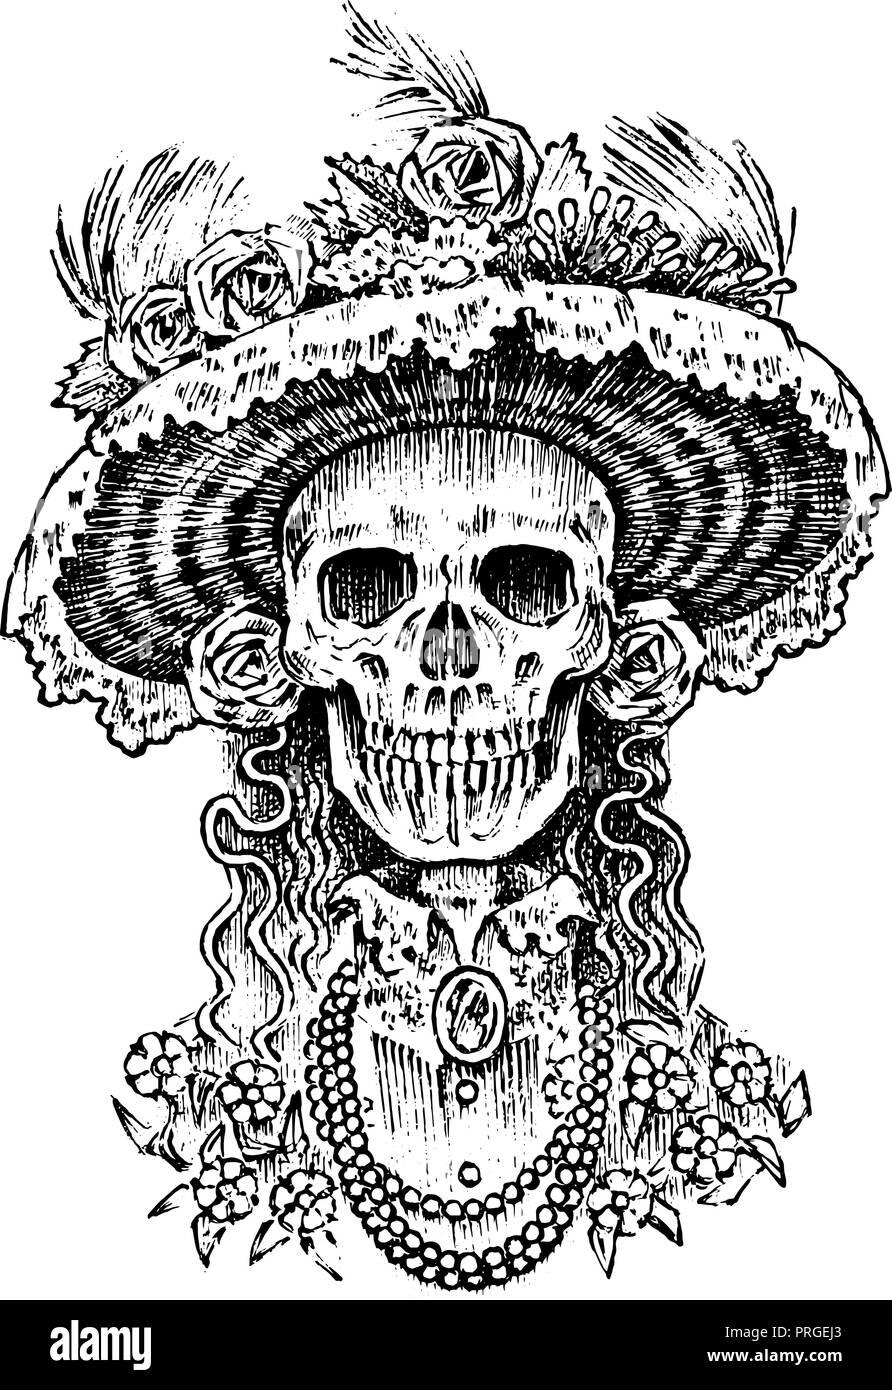 La Calavera Catrina. Mujer elegante esqueleto. El día de los muertos. Dia  de los Muertos en español. Fiesta nacional mexicana. 709470e5f9b